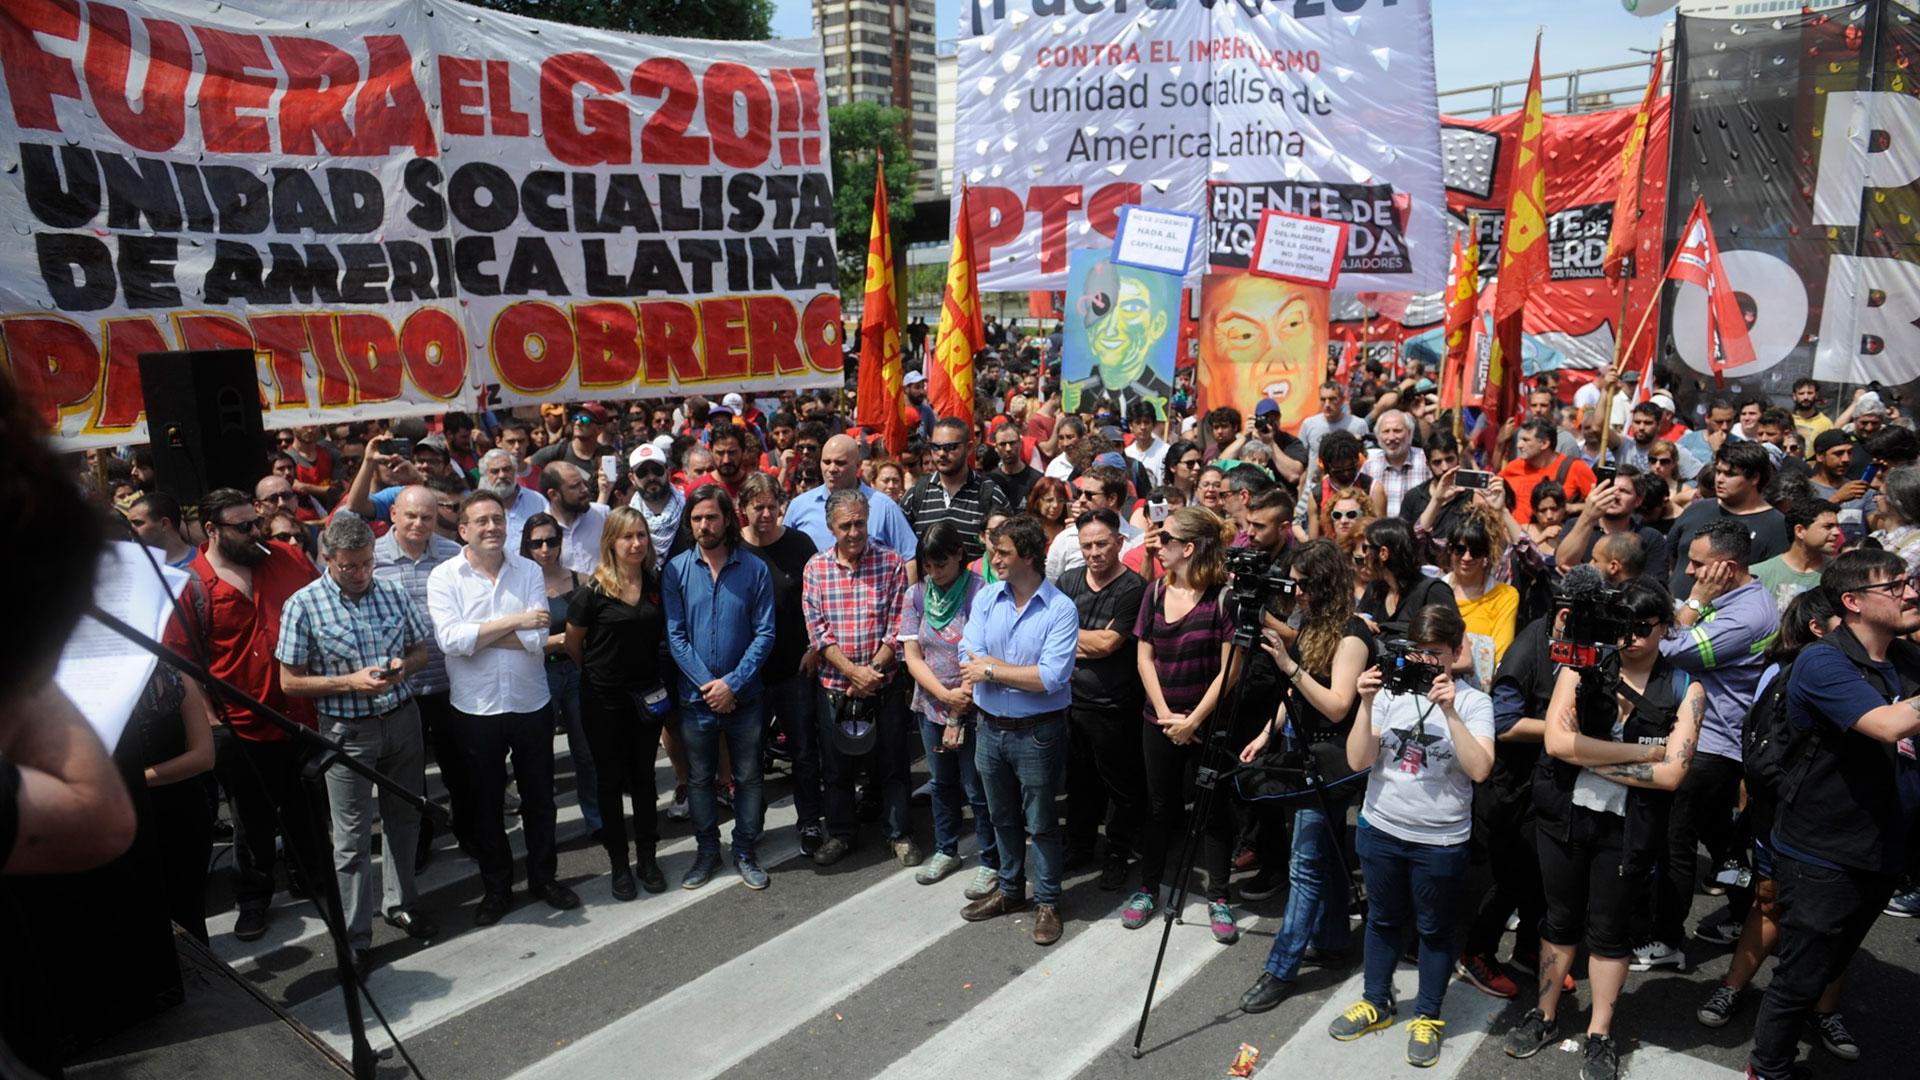 Los principales dirigentes de la izquierda brindaron un discurso crítico contra la cumbre del G20